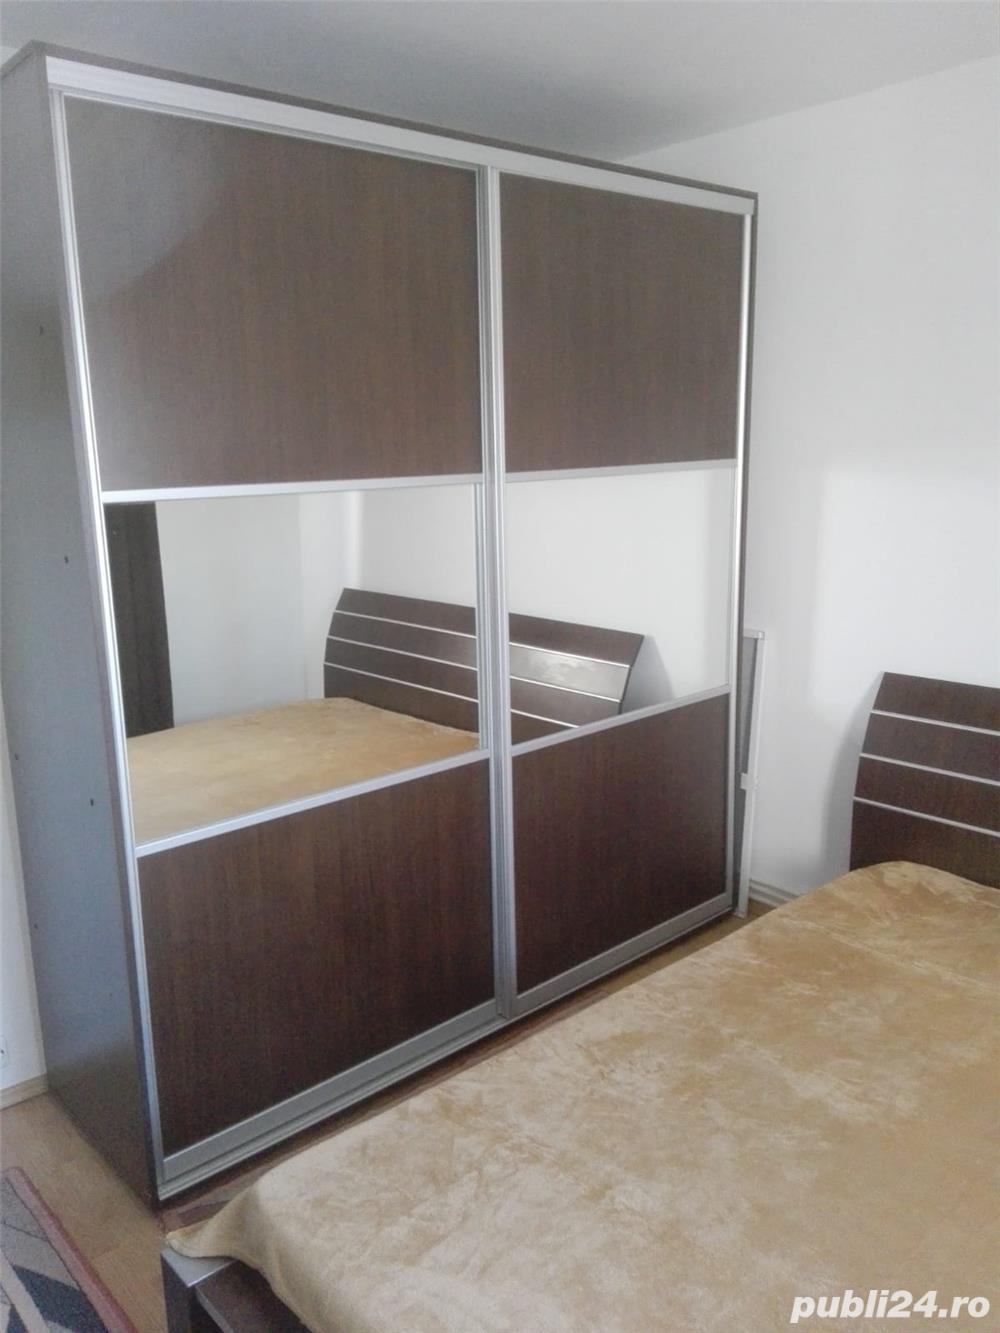 Vand apartament 2 camere mobilat Giurgiu